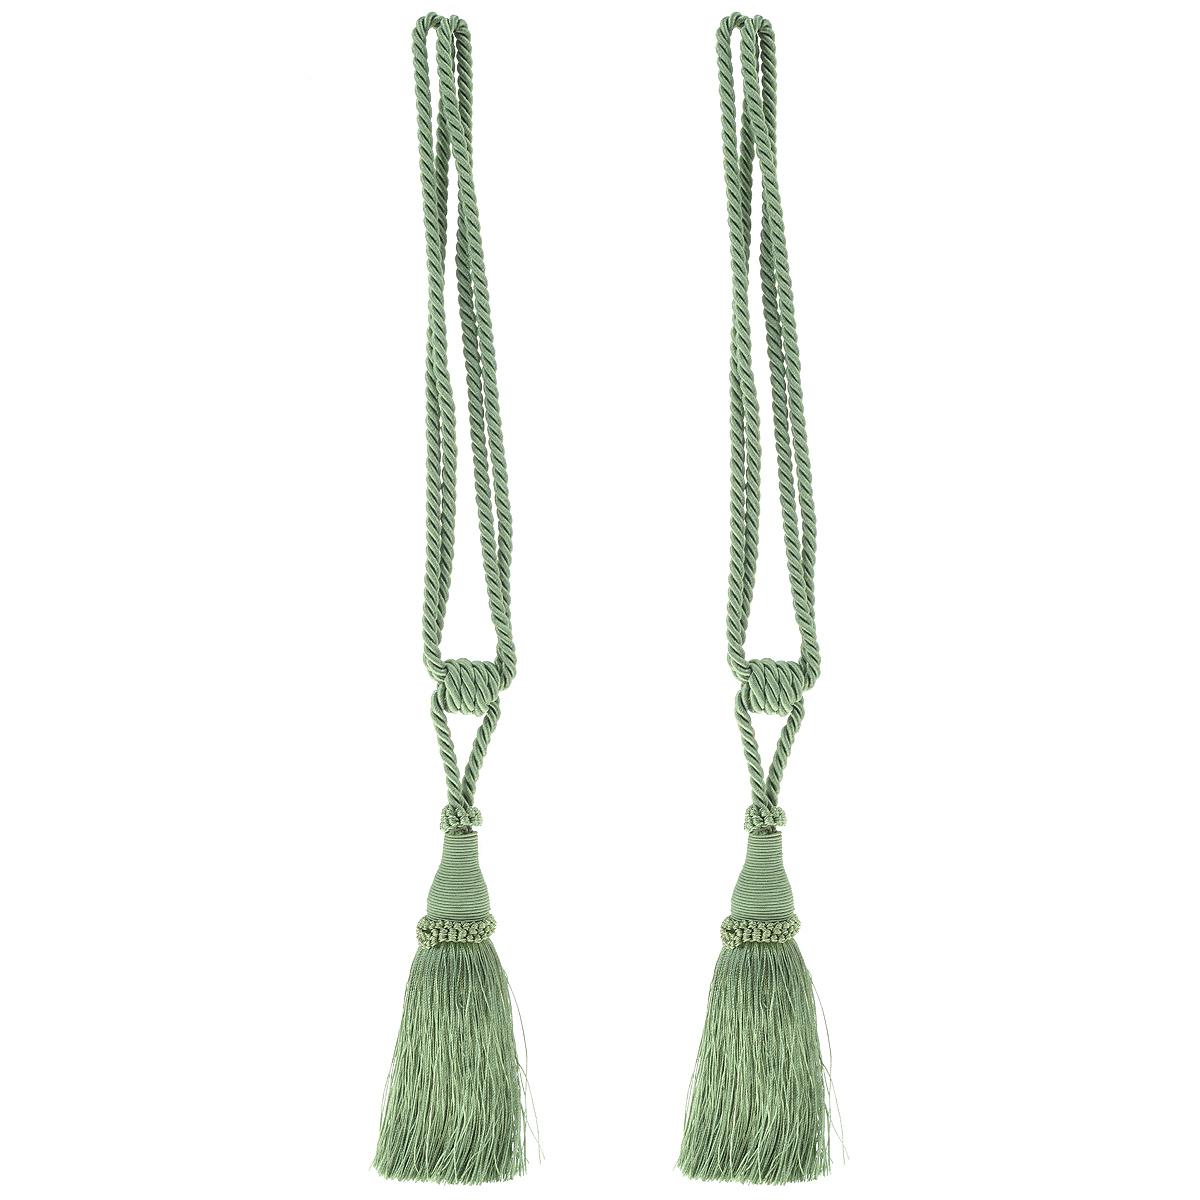 Подхват для штор Мир Мануфактуры, цвет: зеленый, длина 55 см, 2 шт подхват для штор протос цвет светло бежевый длина 70 см 2 шт